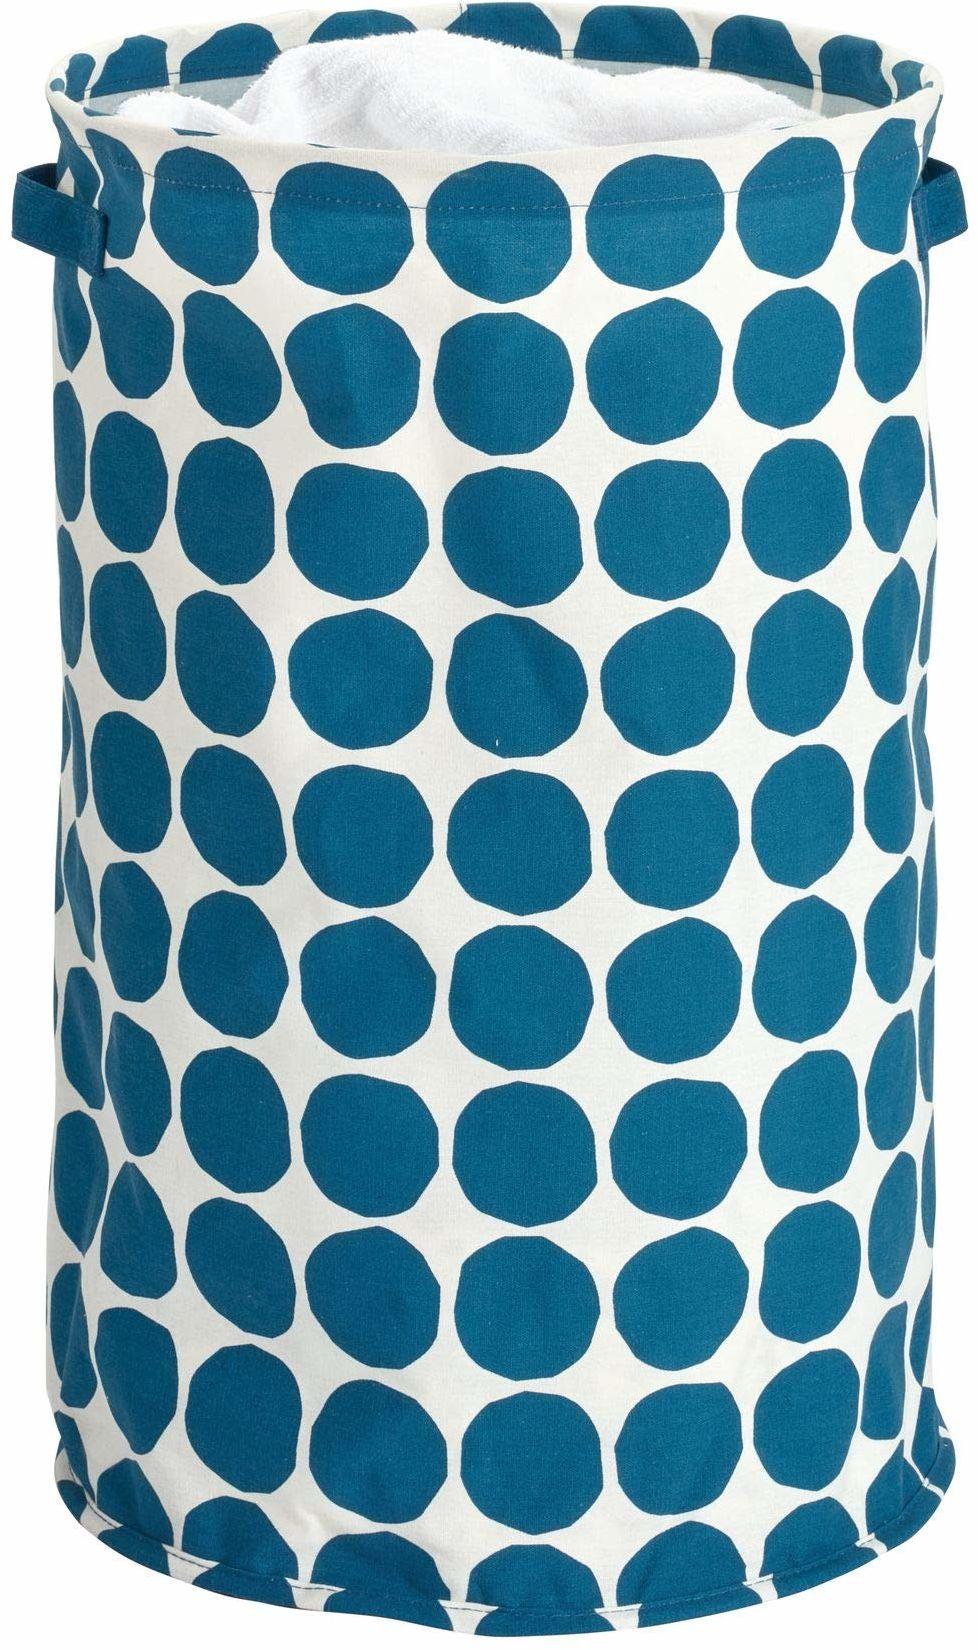 iDesign Kosz na pranie, składany kosz do przechowywania z mieszanki bawełny i poliestru z 2 uchwytami, kosz do przechowywania z tkaniny w kropki do szafki, sypialni i pokoju dziecięcego, niebieski